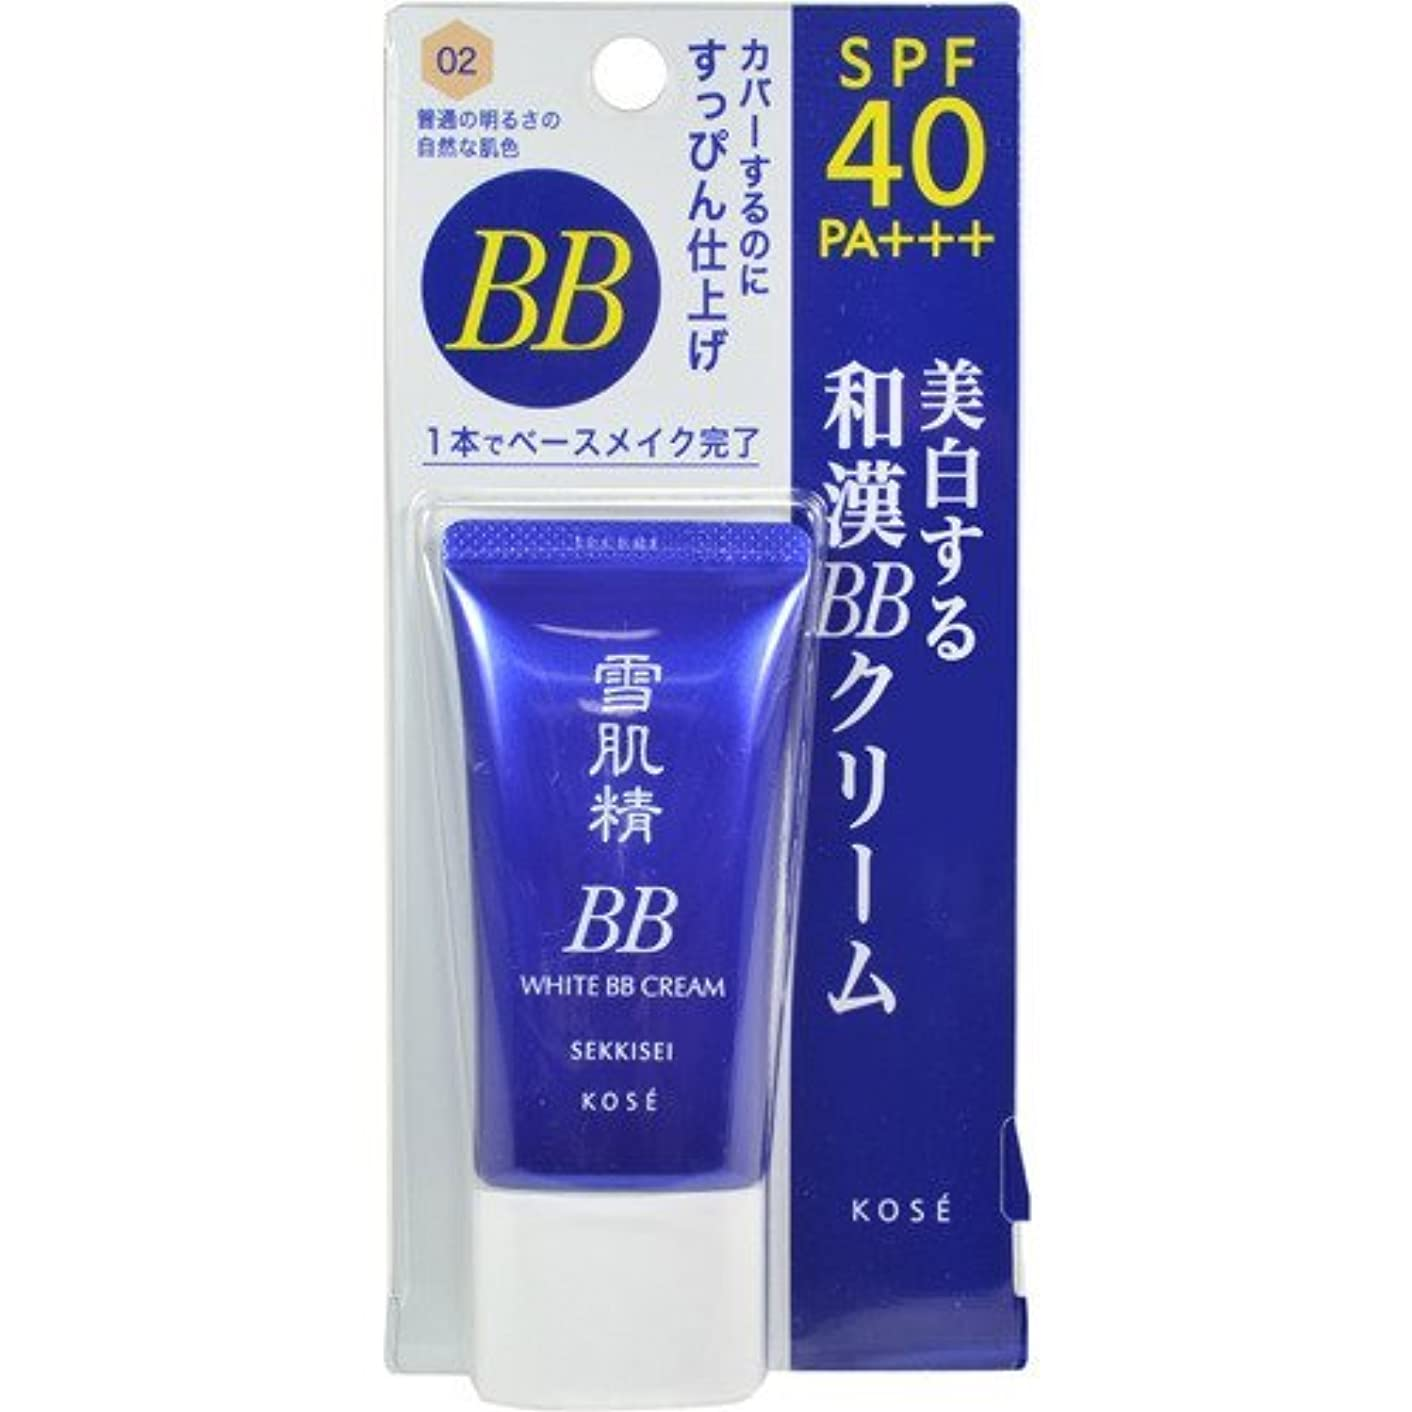 症候群列挙するクレデンシャルコーセー 雪肌精 ホワイト BBクリーム 02  30g